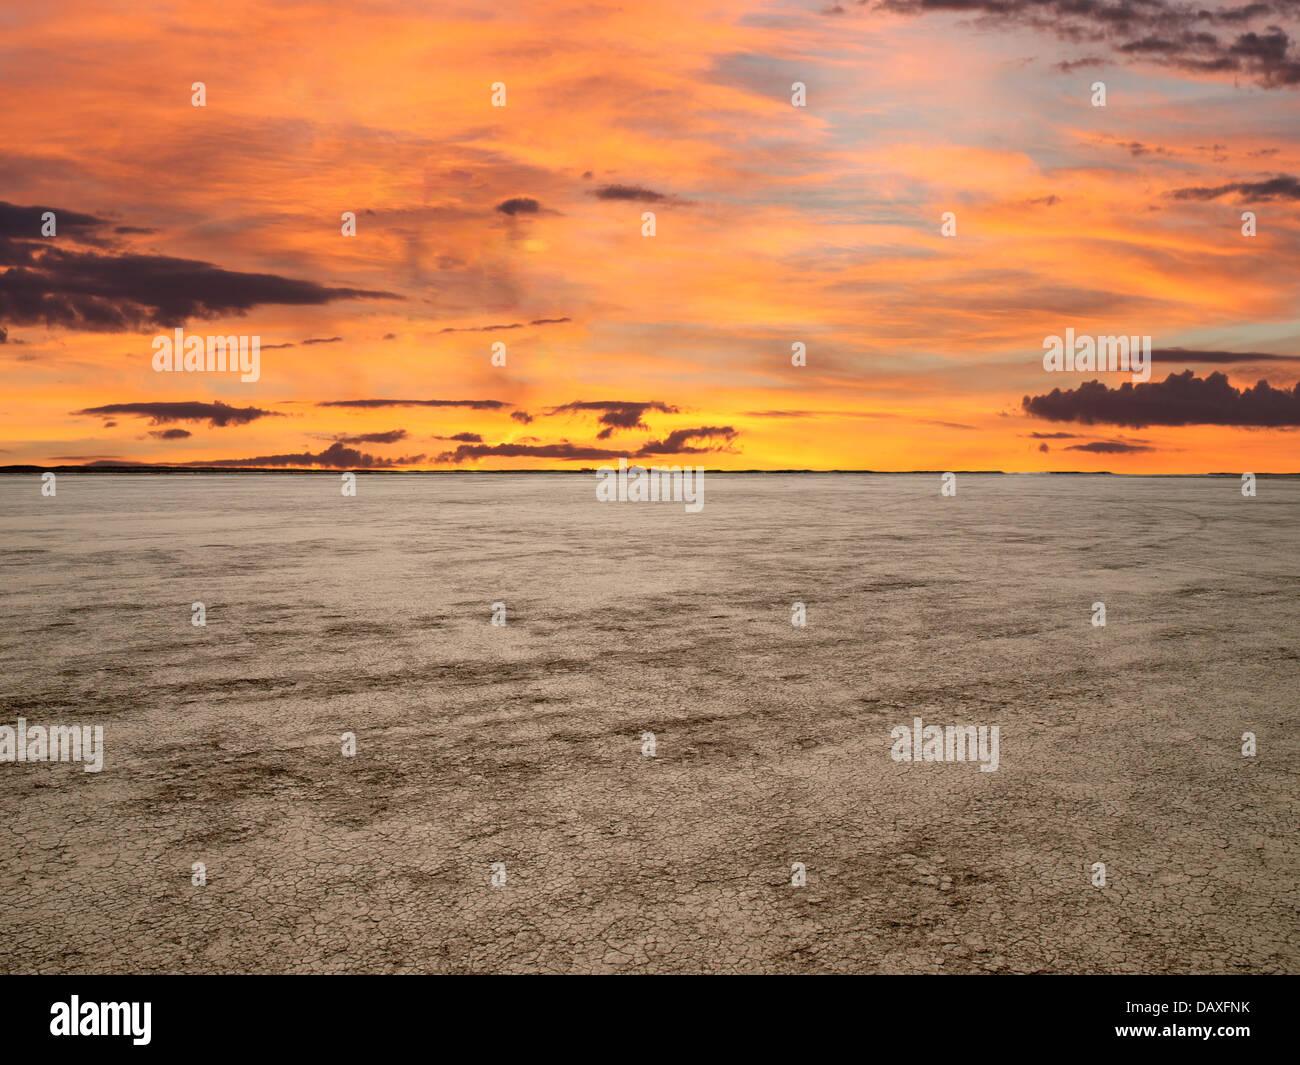 El Mirage Dry Lake con sunset sky en el desierto de Mojave de California. Foto de stock